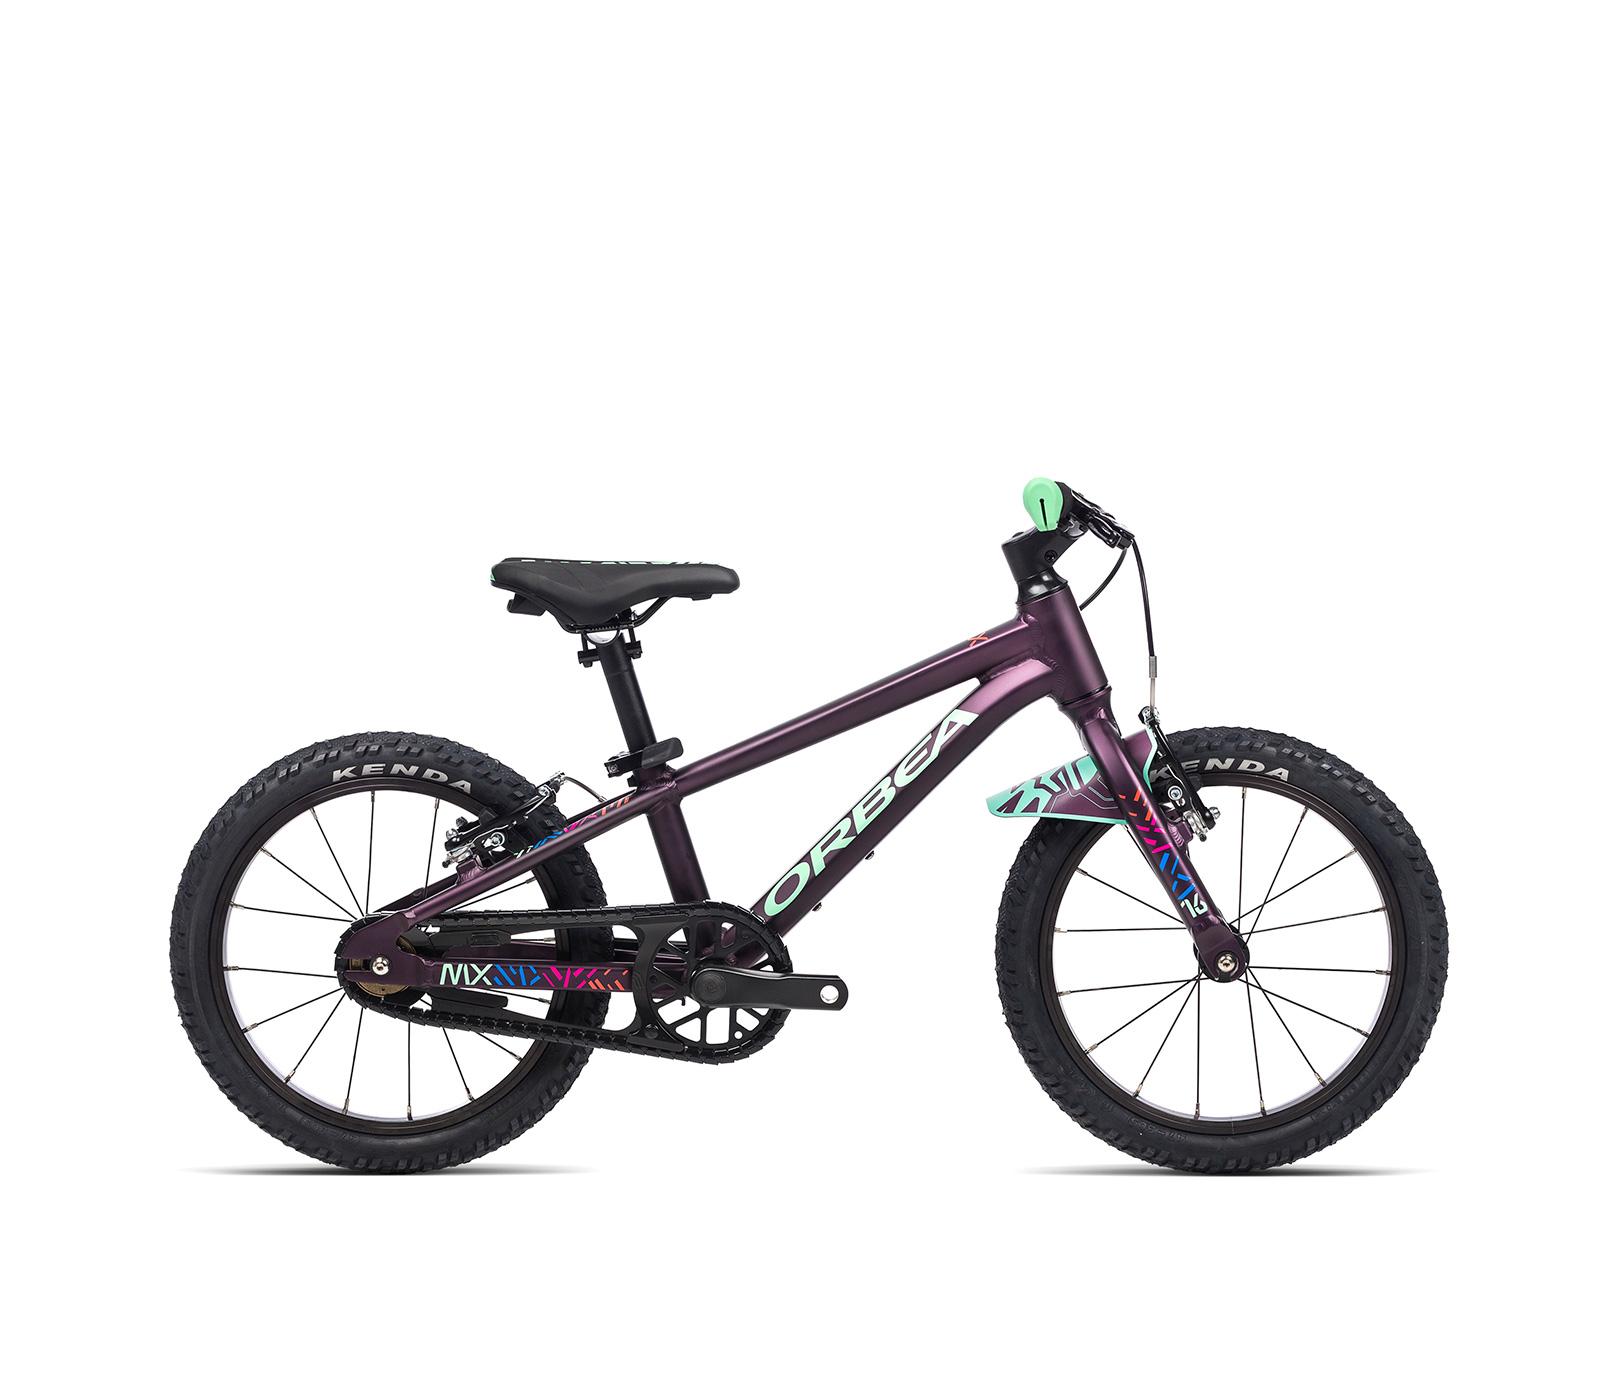 MX 16 MOR-MEN 2021